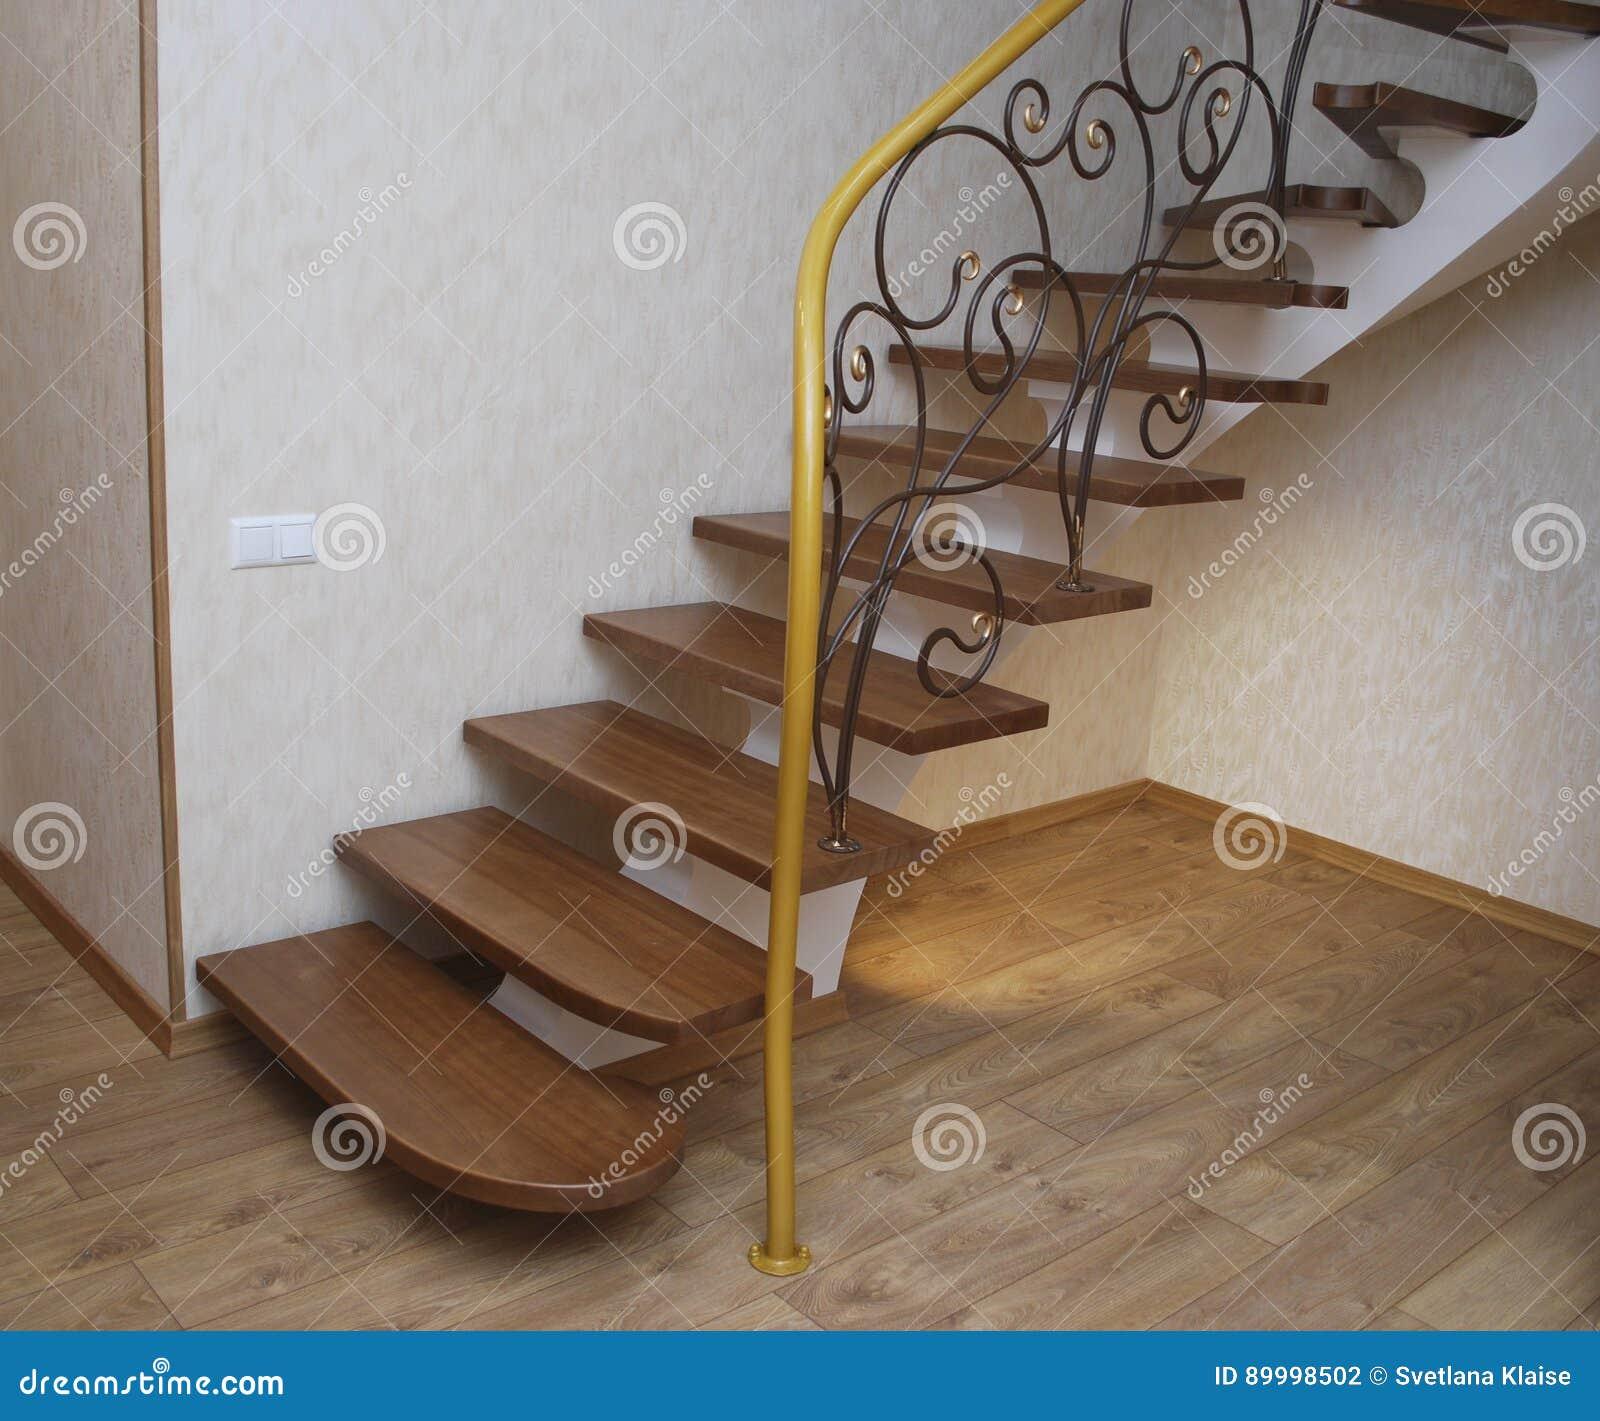 Ficelle beige métallique une conception pour la construction des escaliers dans la maison les escaliers et le filigrane en bois en métal ont forgé la